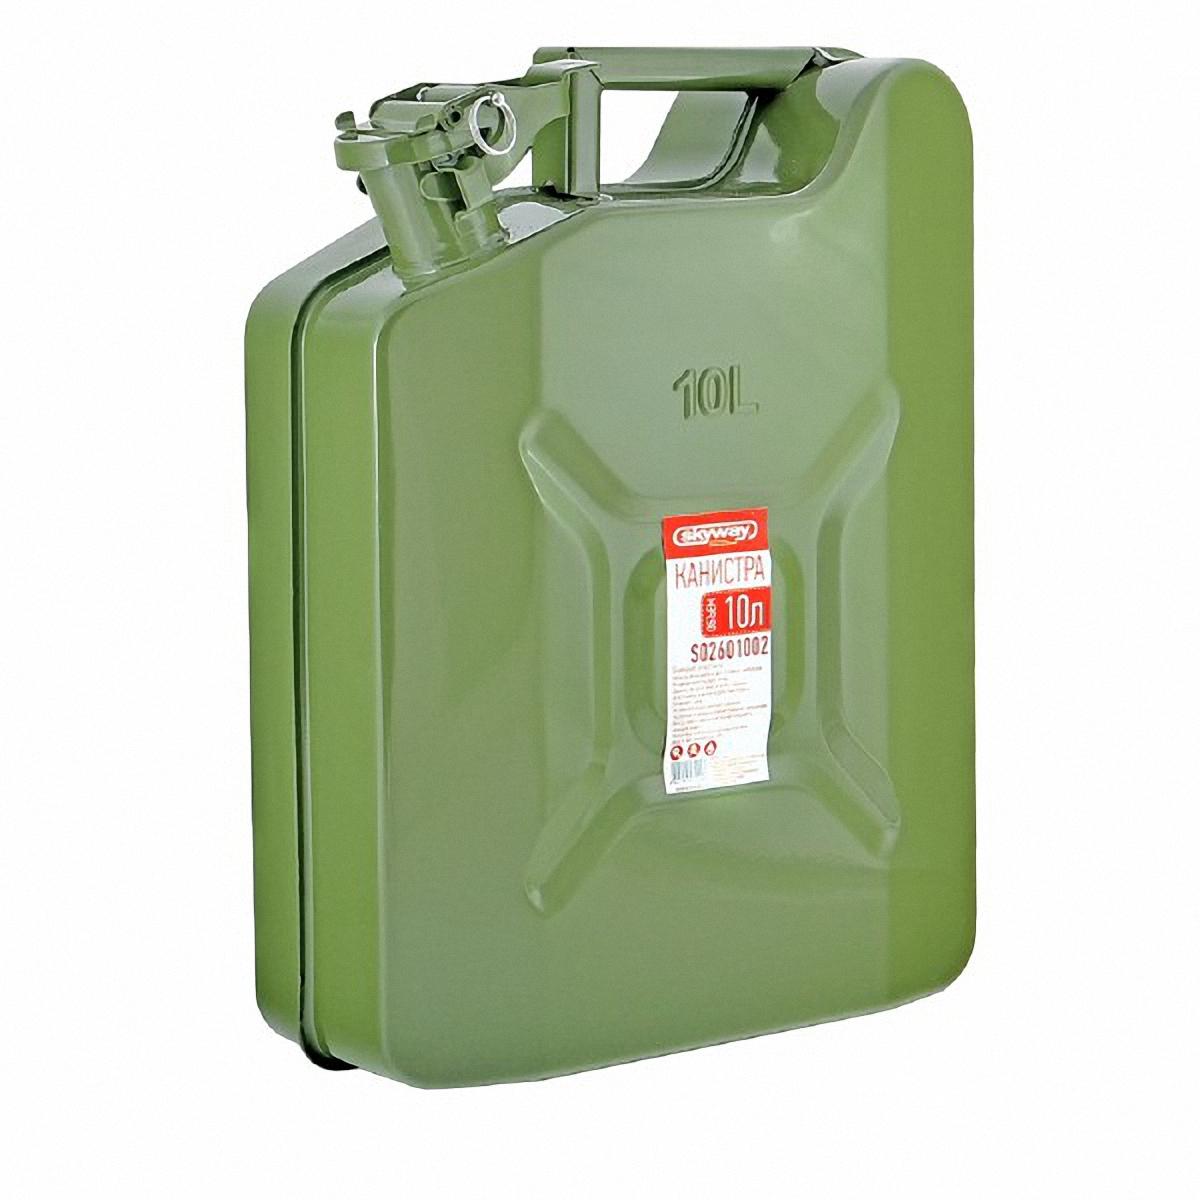 Канистра Skyway, 10 л. S02601002S02601002Металлическая канистра предназначена для хранения жидкостей, в том числе топлива и топливных смесей. Изготовлена из стали холодного проката, что обеспечивает повышенную прочность. Внешняя поверхность оцинкована и окрашена. Внутреннее фосфатированное антикоррозийное покрытие препятствует образованию ржавчины. Ребра жесткости на боковых поверхностях канистры придают ей прочность при механических воздействиях. Устойчивая конструкция канистры предотвращает ее перемещение в багажнике при интенсивном движении, снижая уровень нежелательного шума. Механический механизм горловины предохраняет содержимое от протекания, а особые материалы резиновой прокладки придают ей высокую долговечность и устойчивость к механическим повреждениям в процессе эксплуатации.Конструкция рычажного механизма крышки предотвращает появления люфта при активной эксплуатации. Специализированная форма носика исключает проливание жидкости.